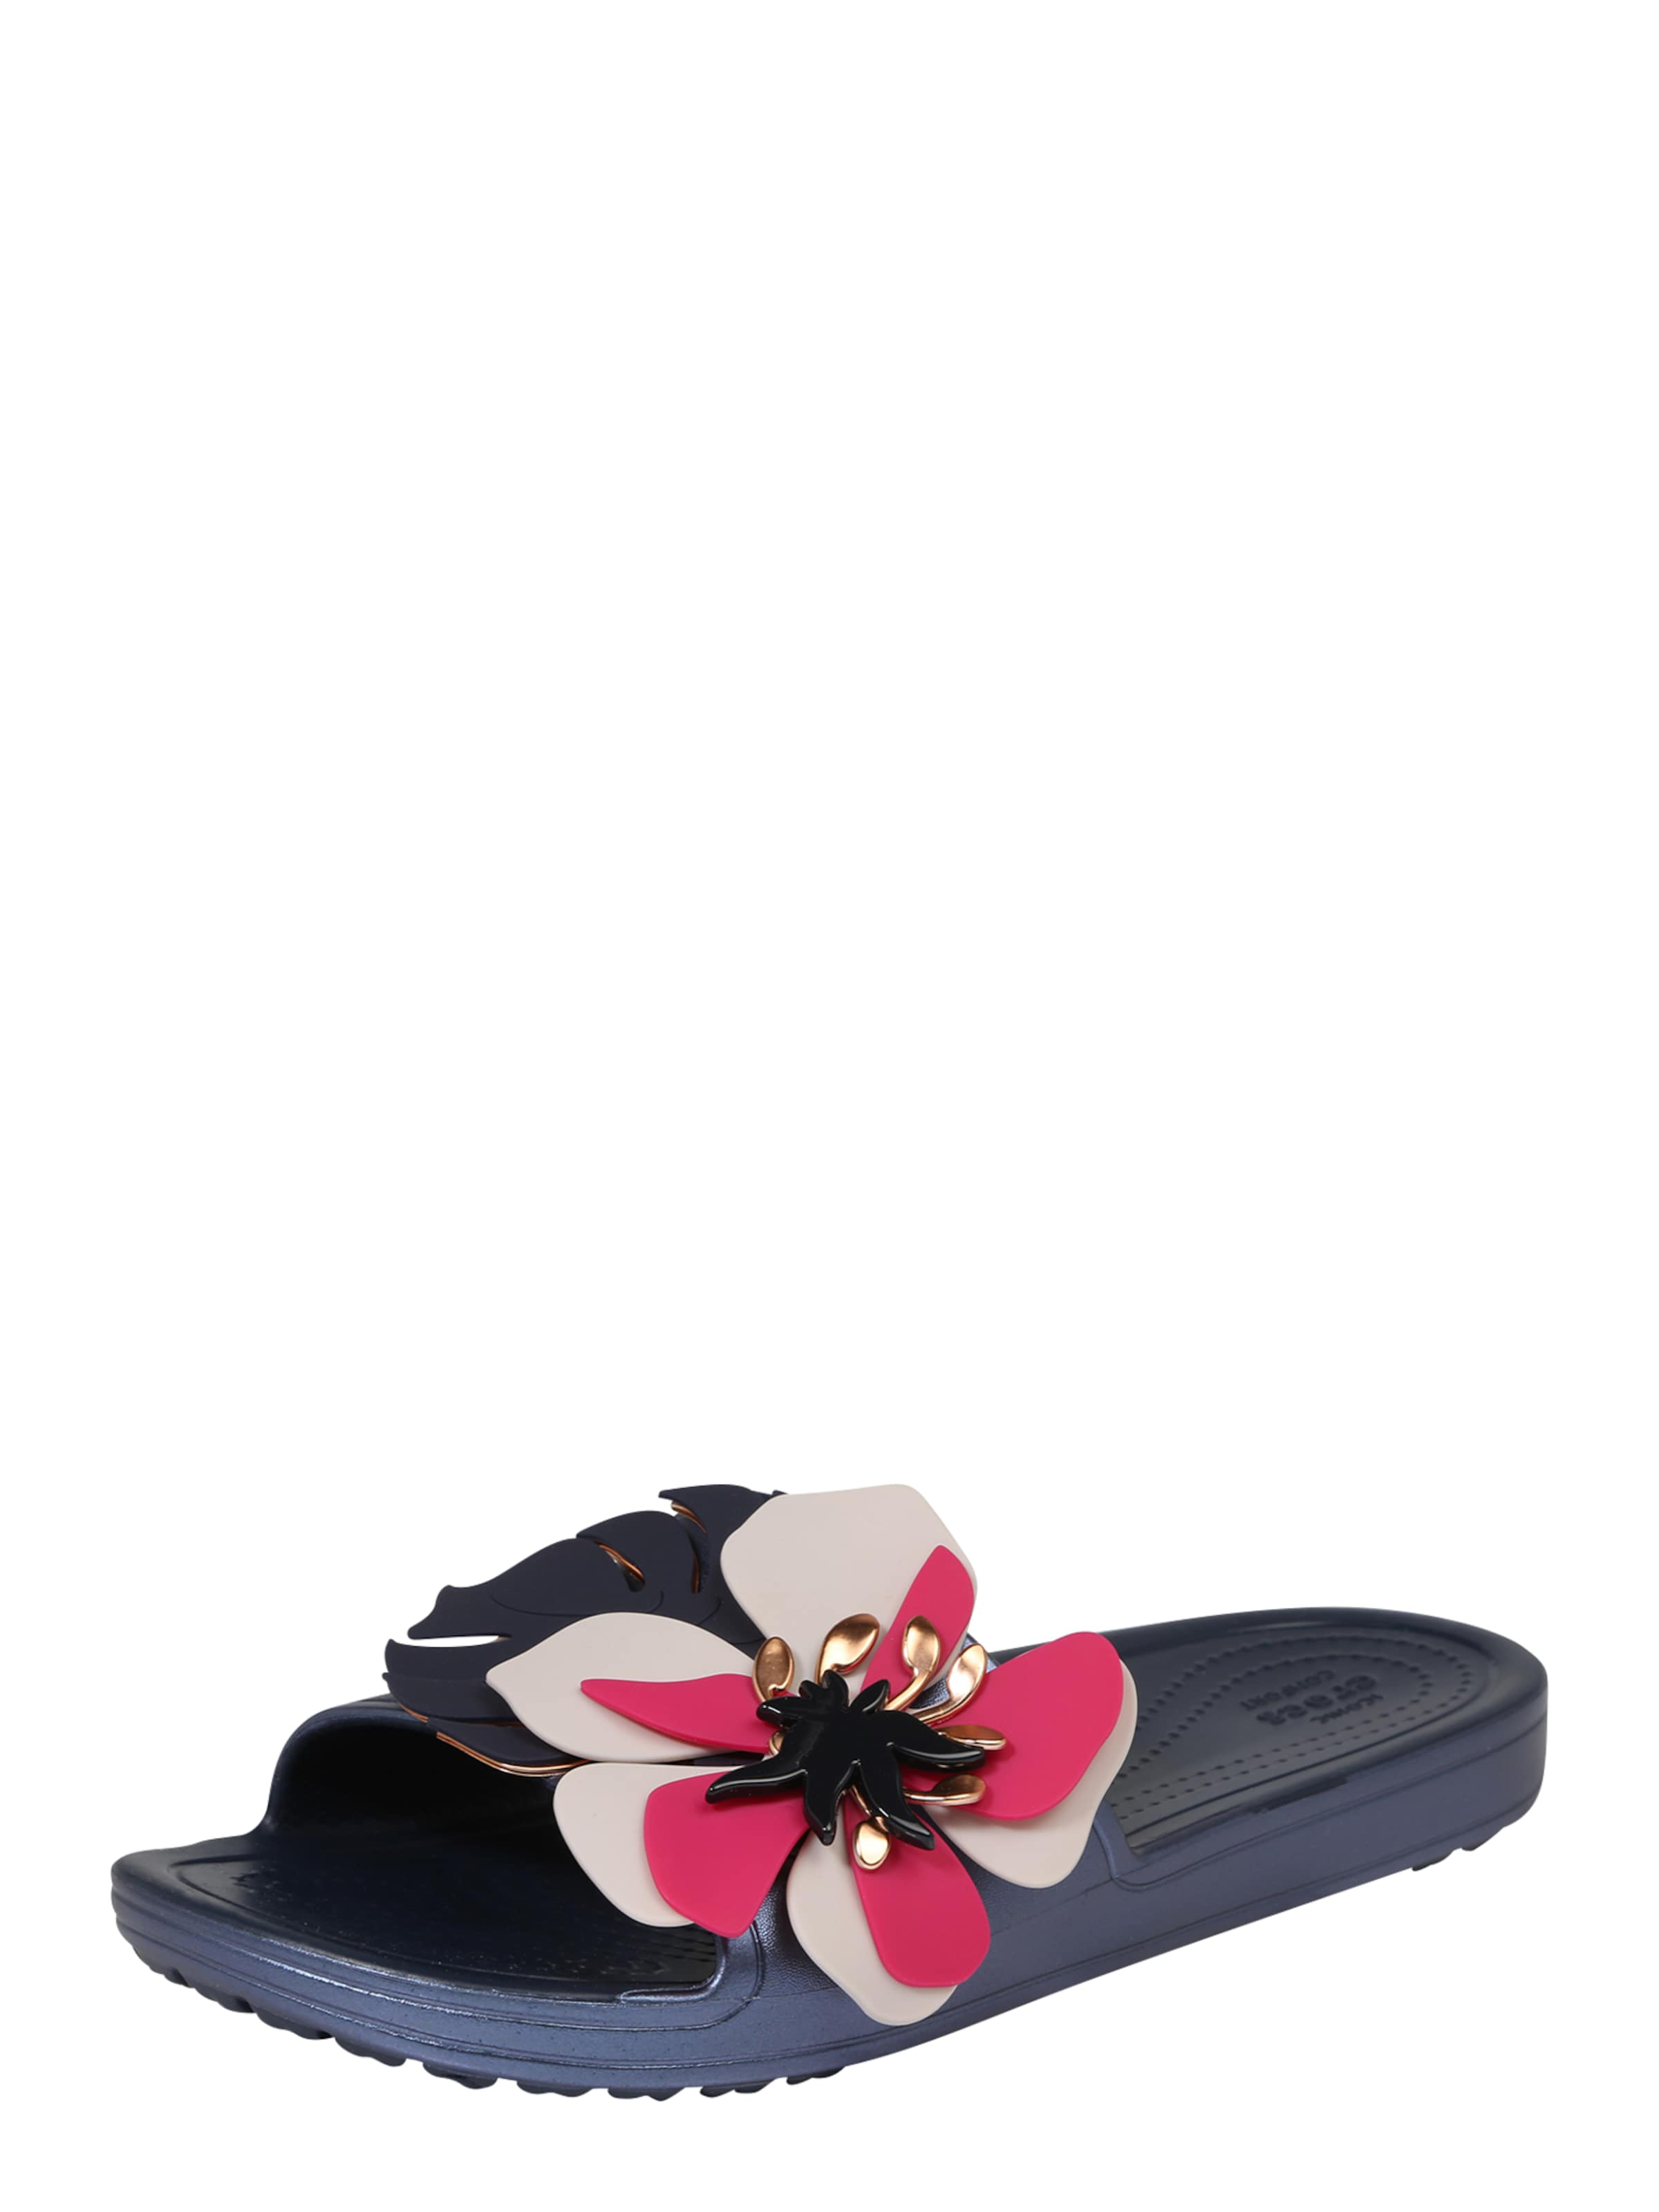 Crocs Slides Sloane Verschleißfeste billige Schuhe